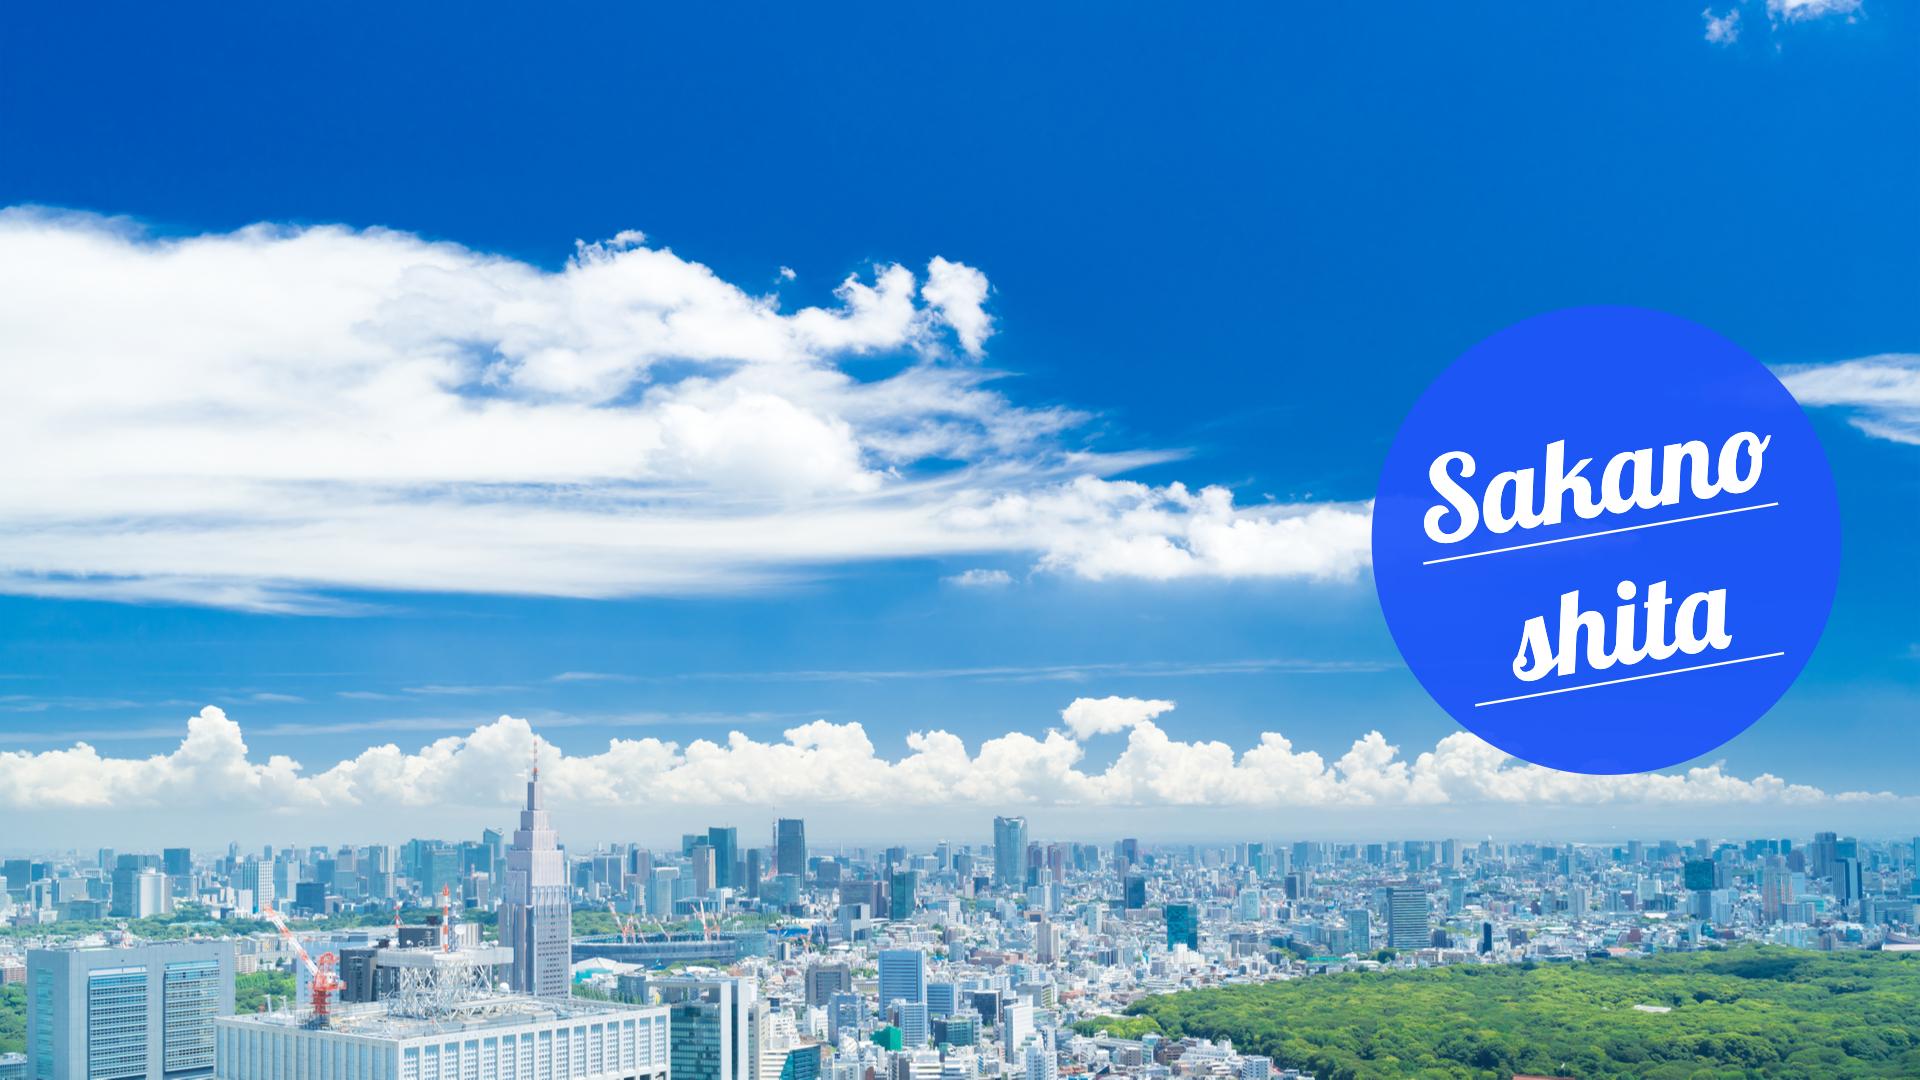 さかのした合同会社/Sakanoshita LLC